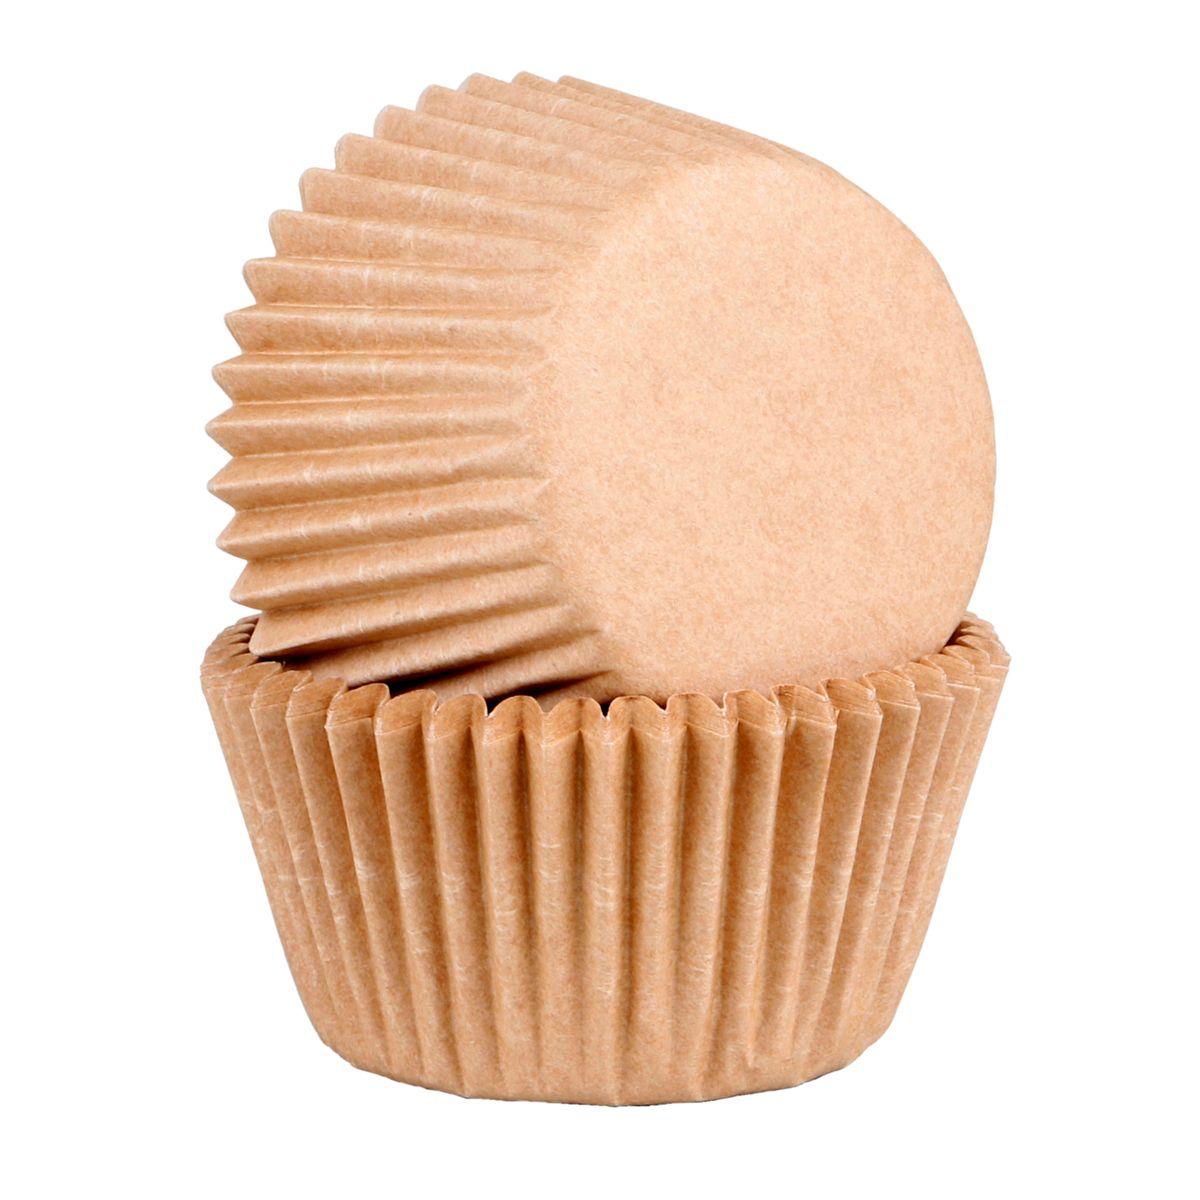 45 caissettes à cupcakes et muffins en papier compostable beige 7.5 x 3.5 cm - Chevalier Diffusion